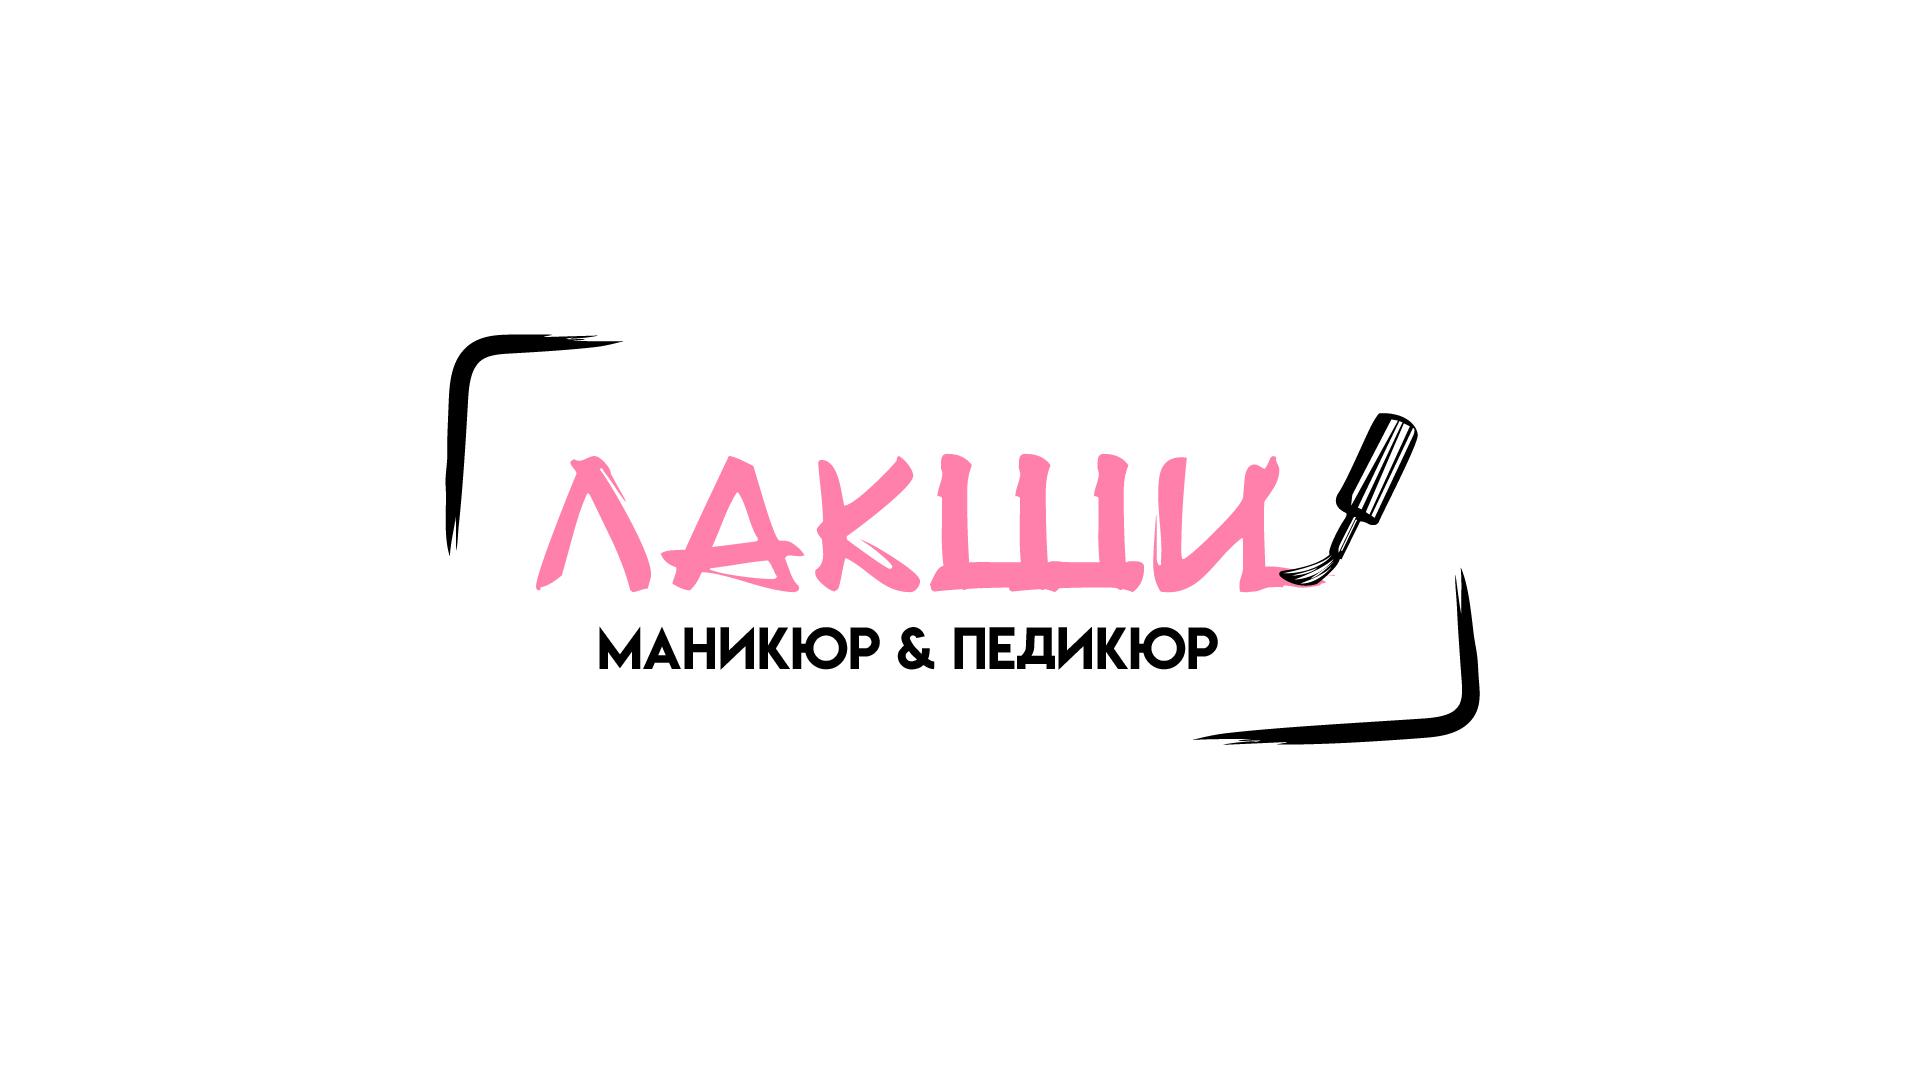 Разработка логотипа фирменного стиля фото f_6105c5afb157ae69.jpg